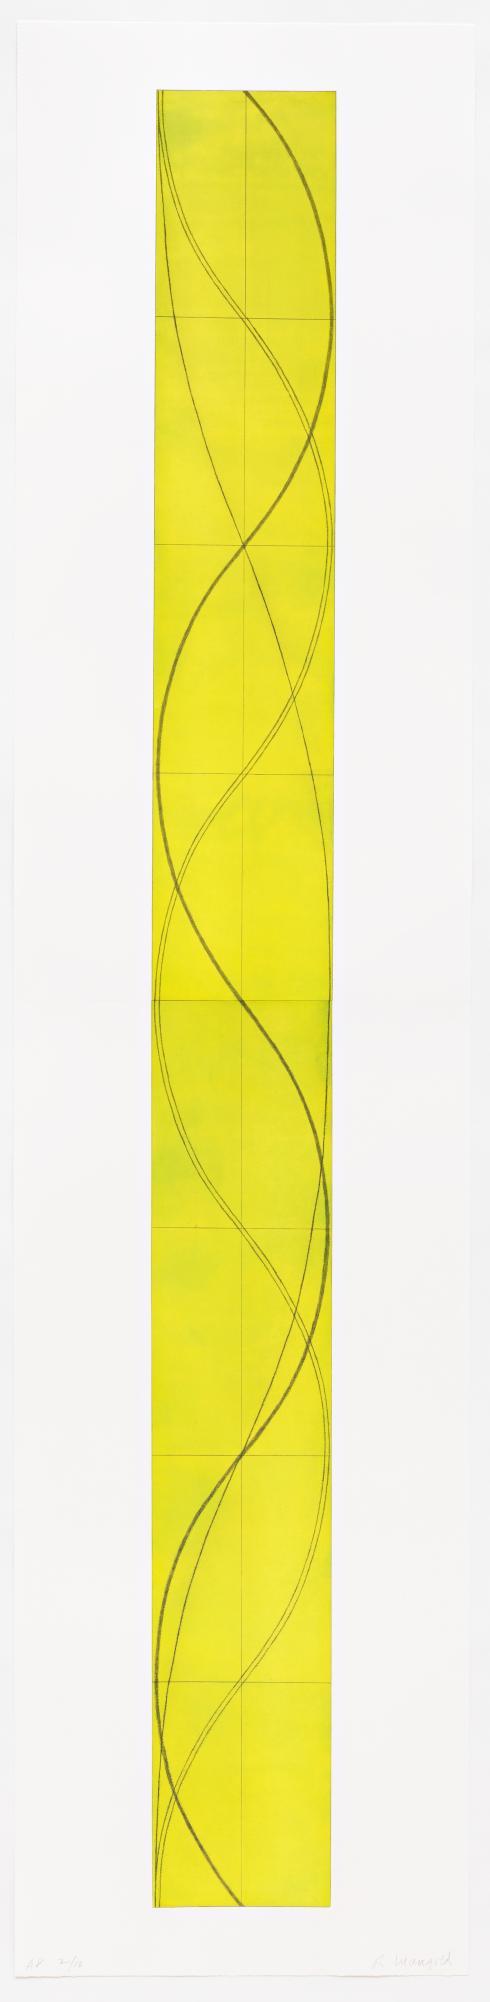 Robert Mangold, Tall Column B, 2005